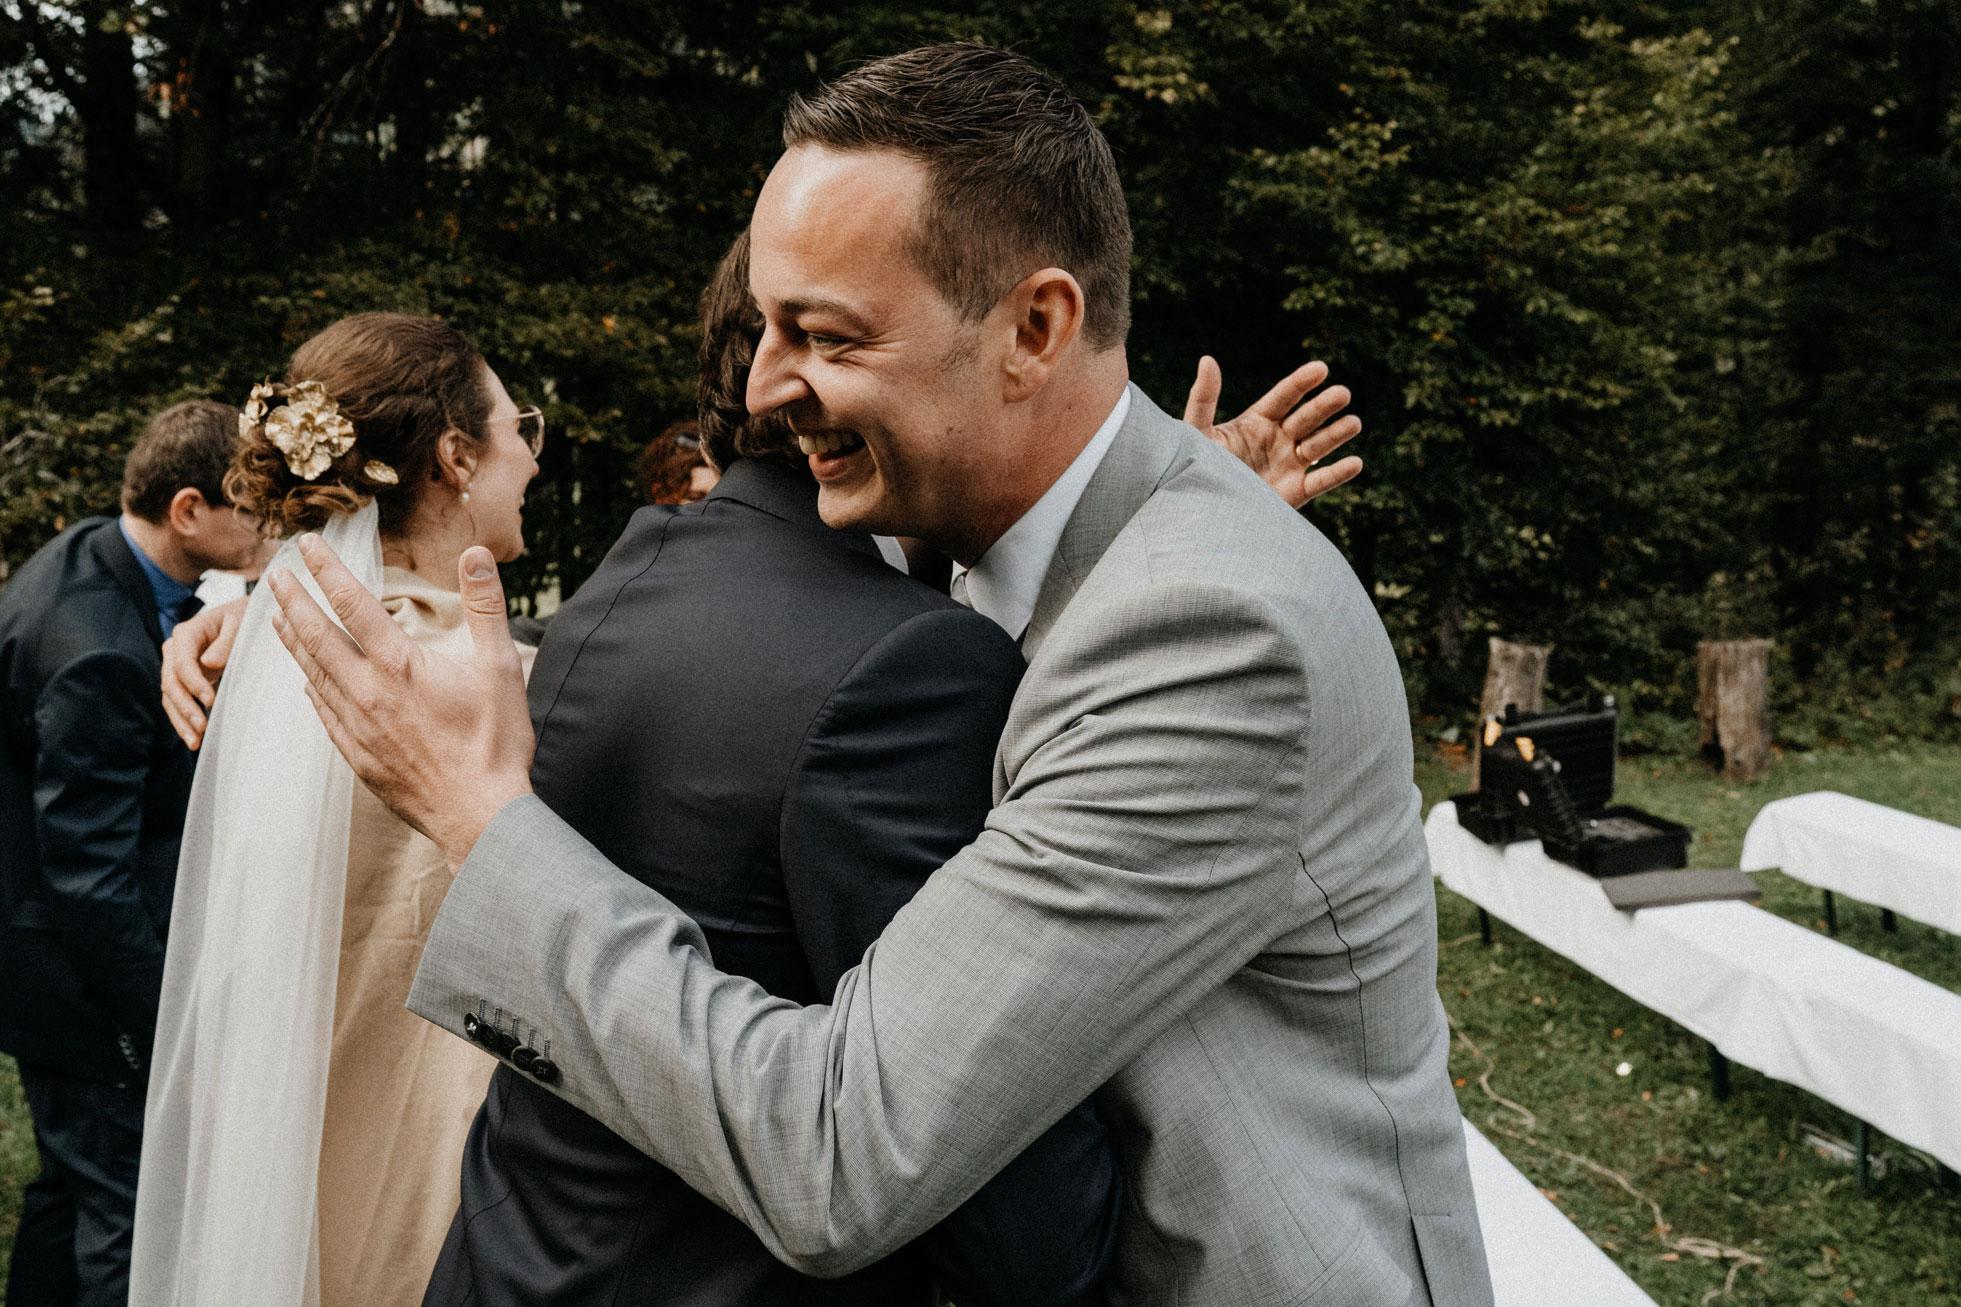 Hochzeit_Claire_Manuel_Villa_Maund_Daniel_Jenny-295.jpg